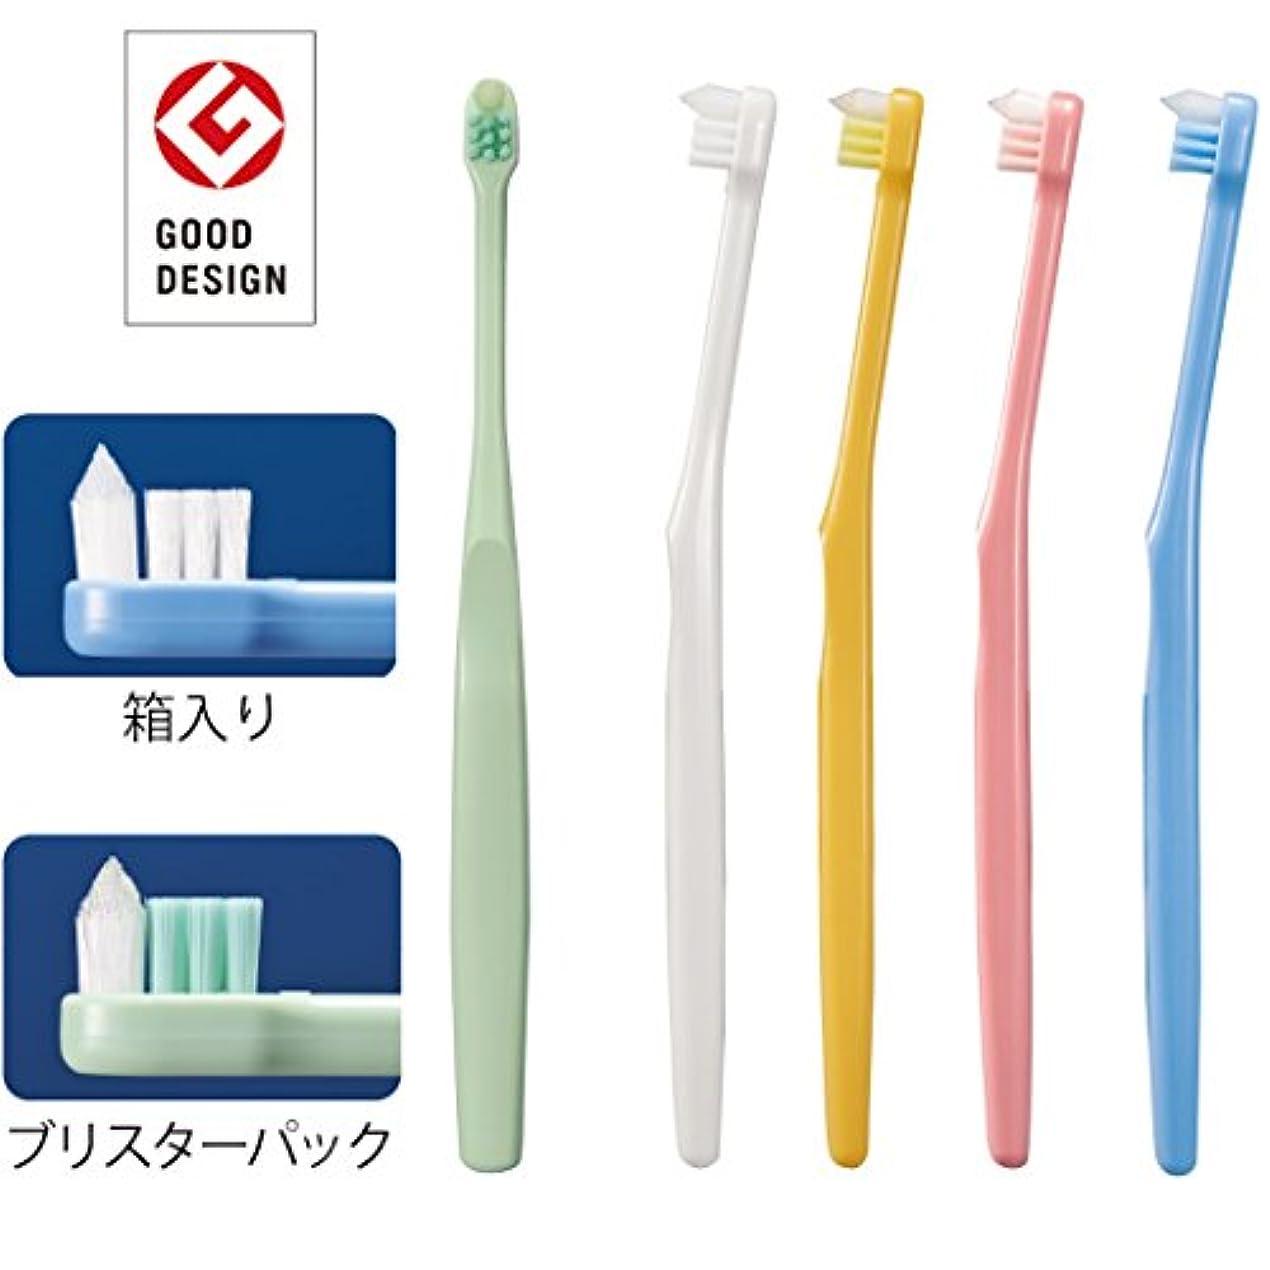 バラエティ皿ペック歯科医院専売 Ci ネオタフト M(ふつう) 6本 4色アソート